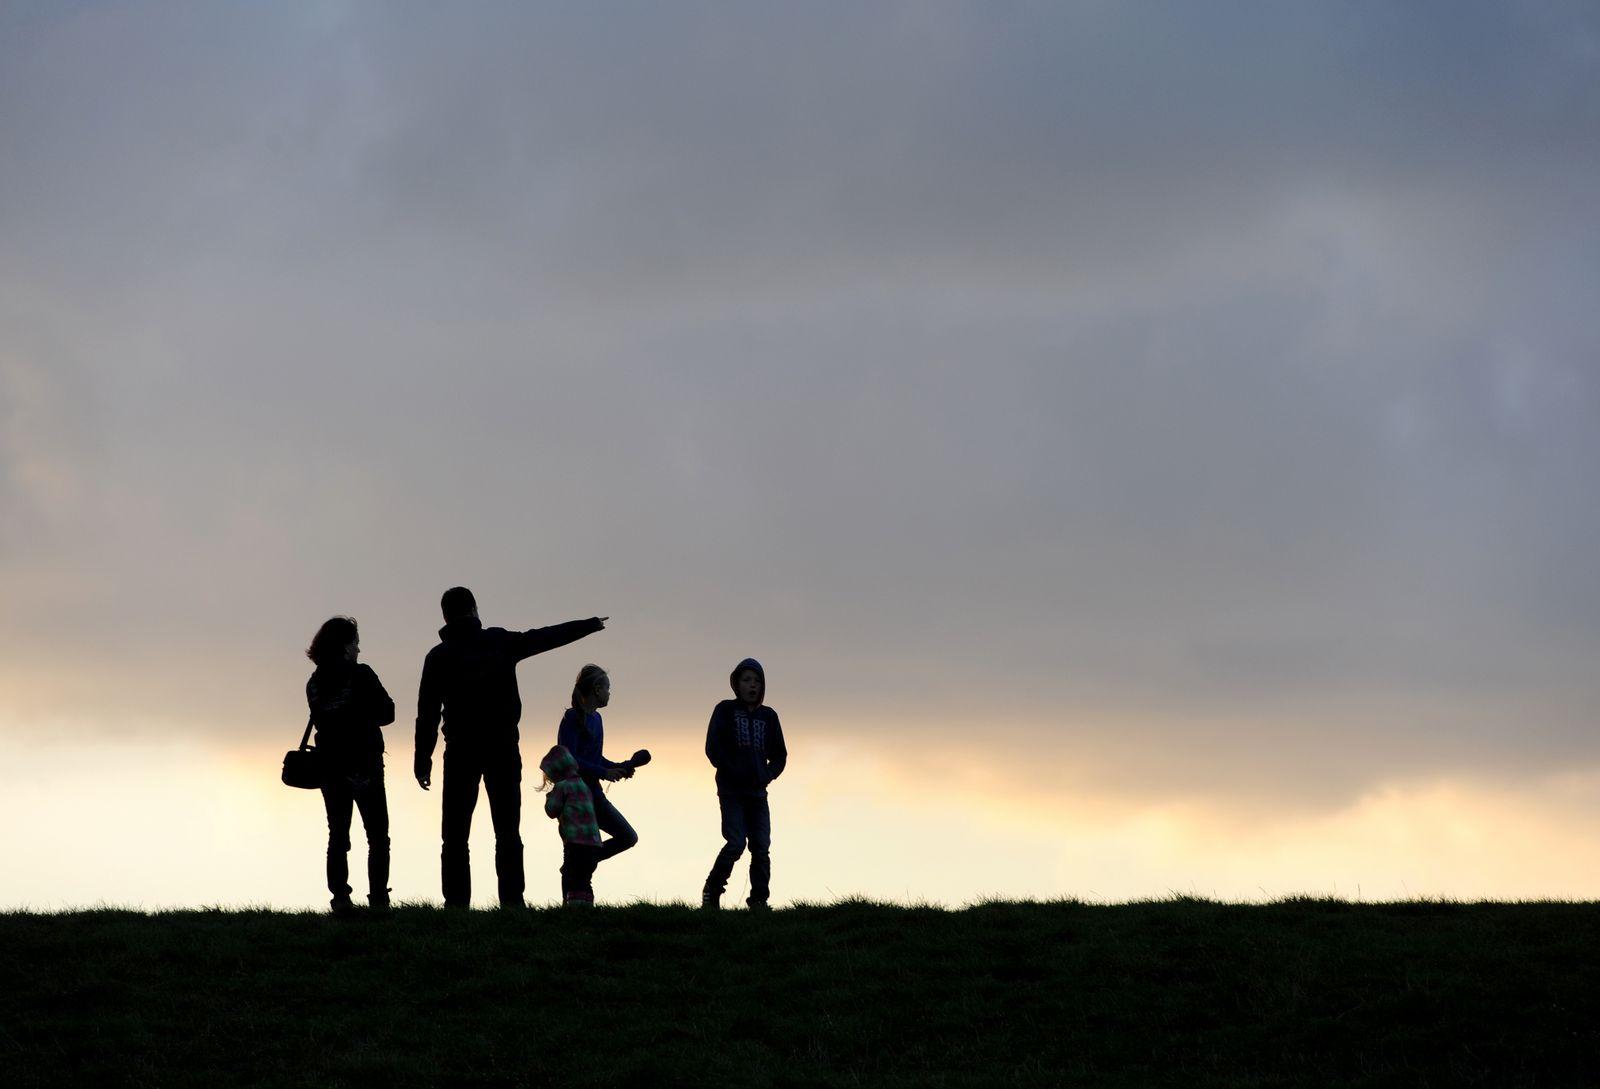 Familie / Generationen / Kinder